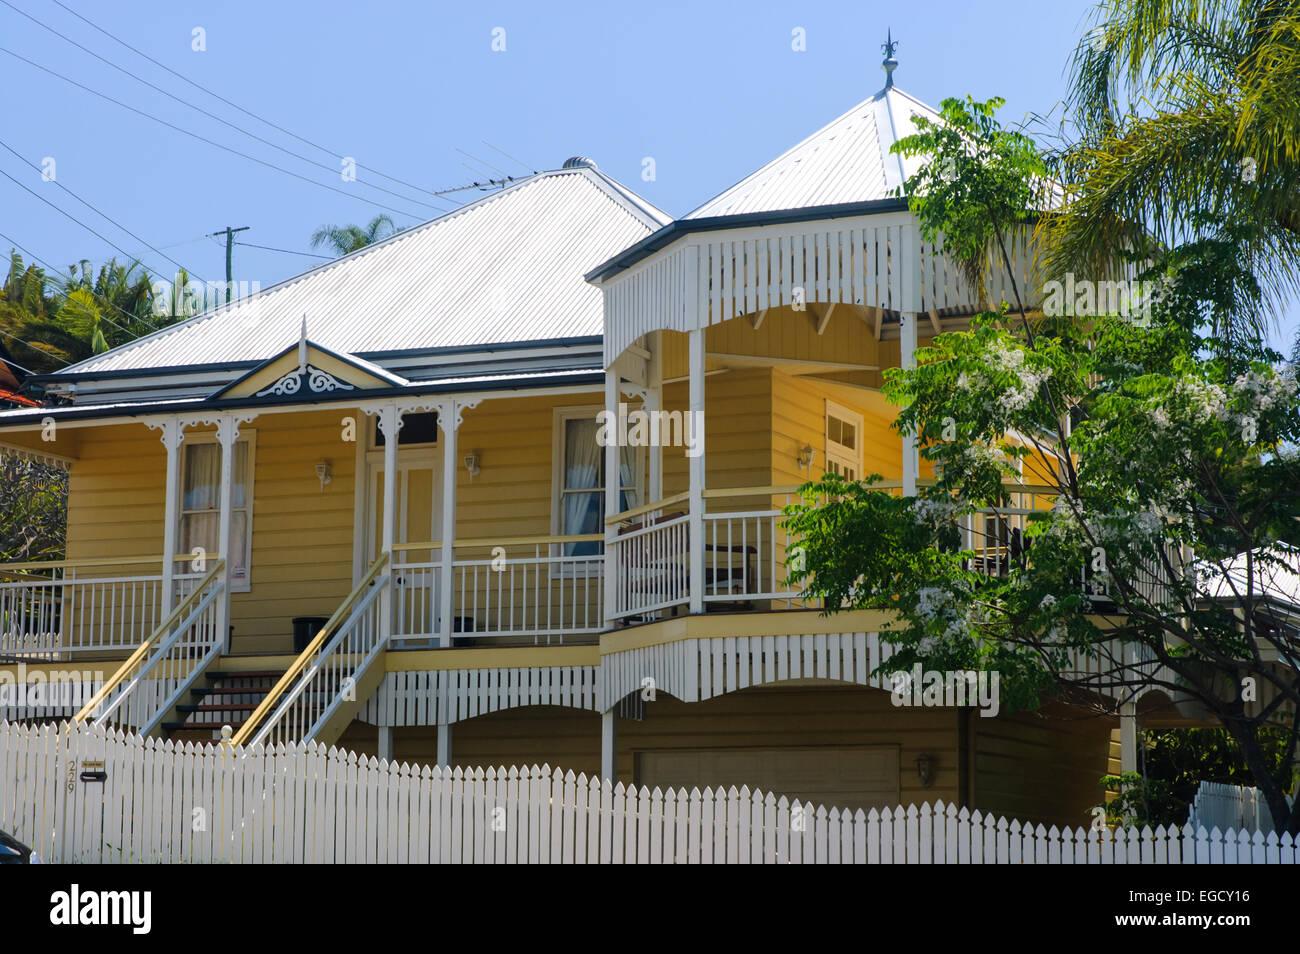 Eitelkeit Haus Auf Stelzen Ideen Von Queenslander ( Stelzen), Brisbane, Queensland, Australien; ;